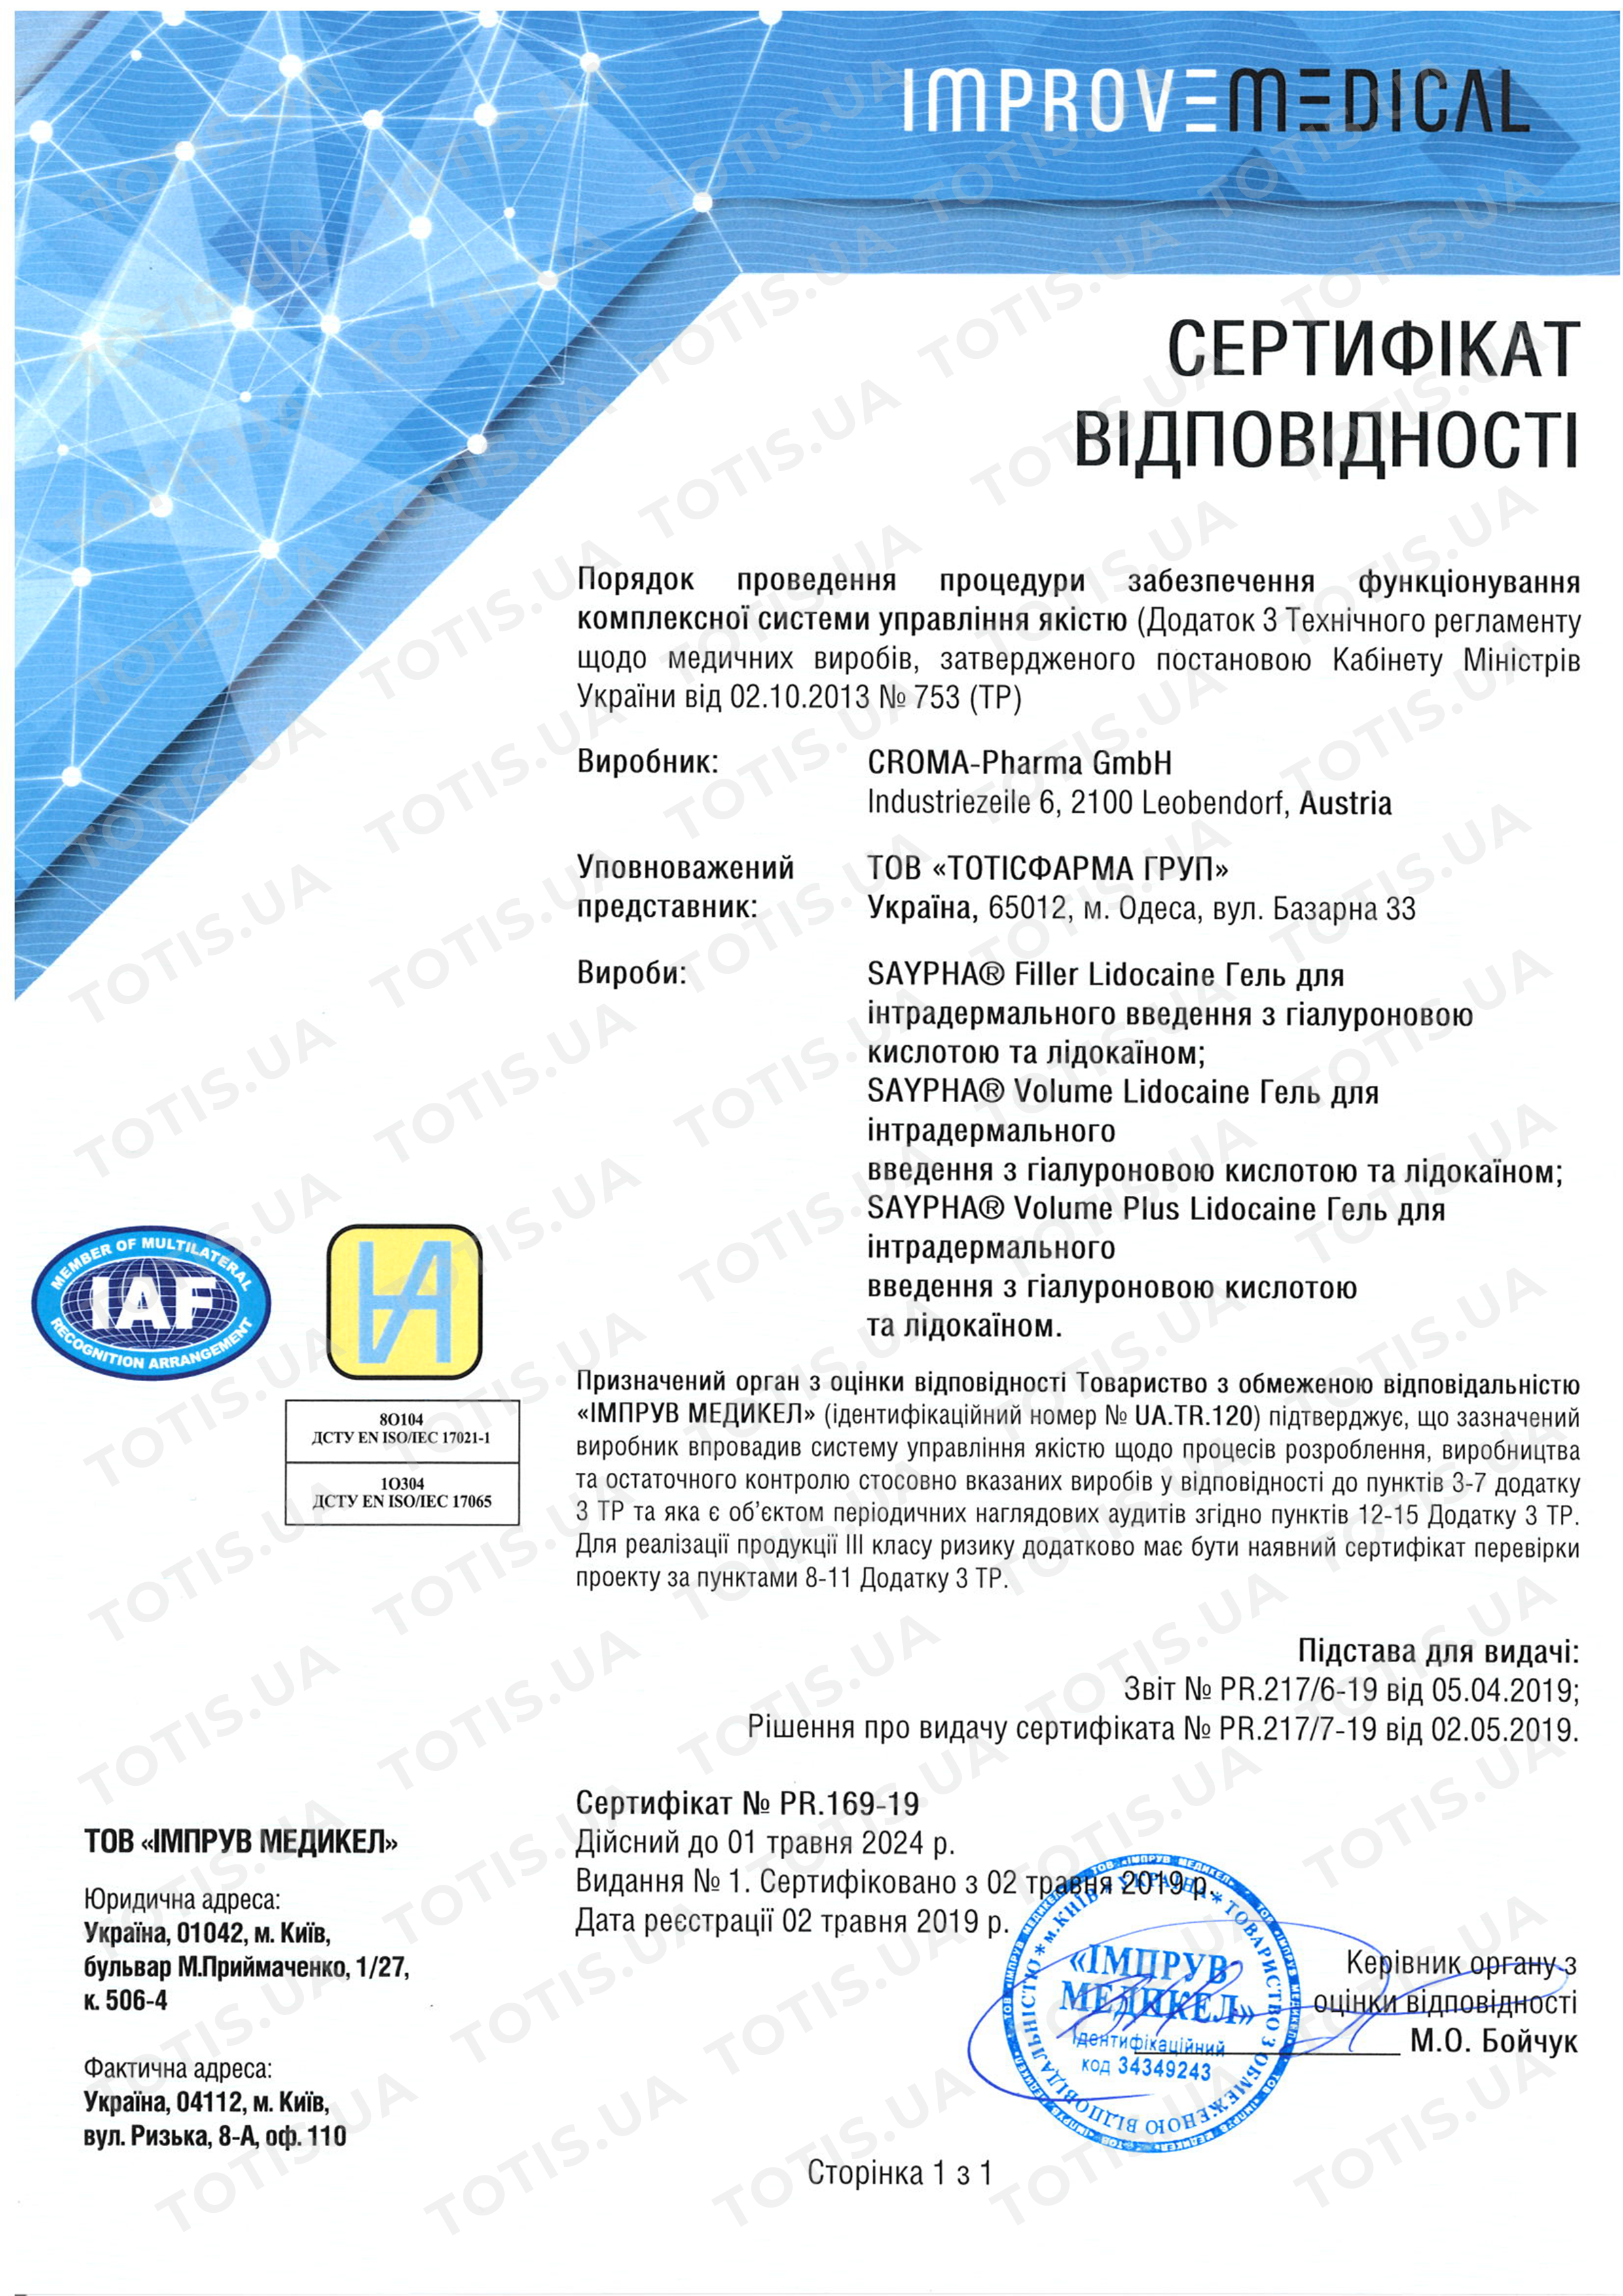 сертификаты Сайфа